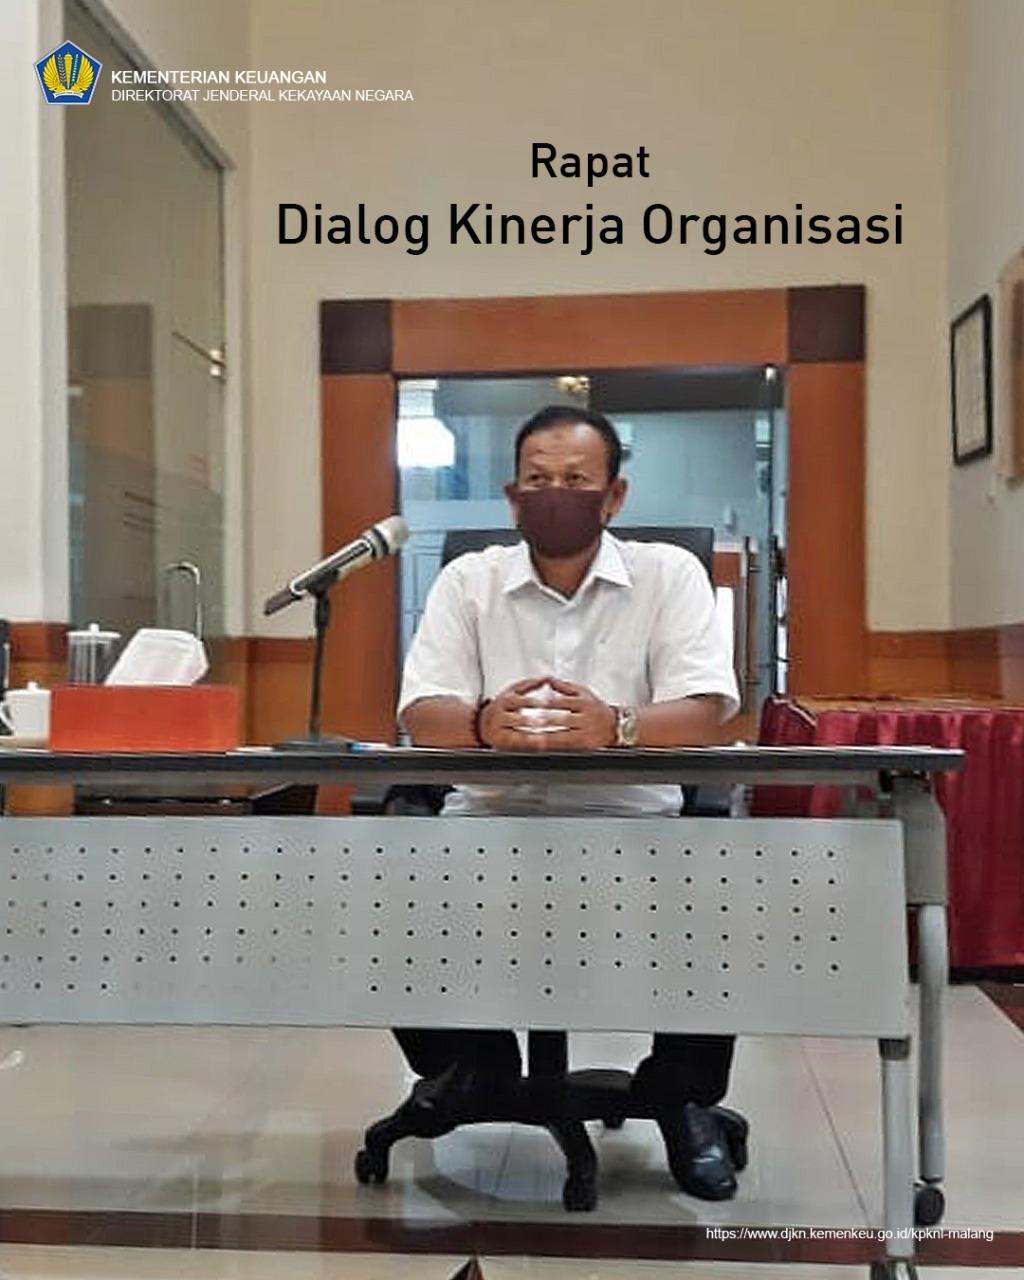 Rapat Dialog Kinerja Organisasi (DKO)